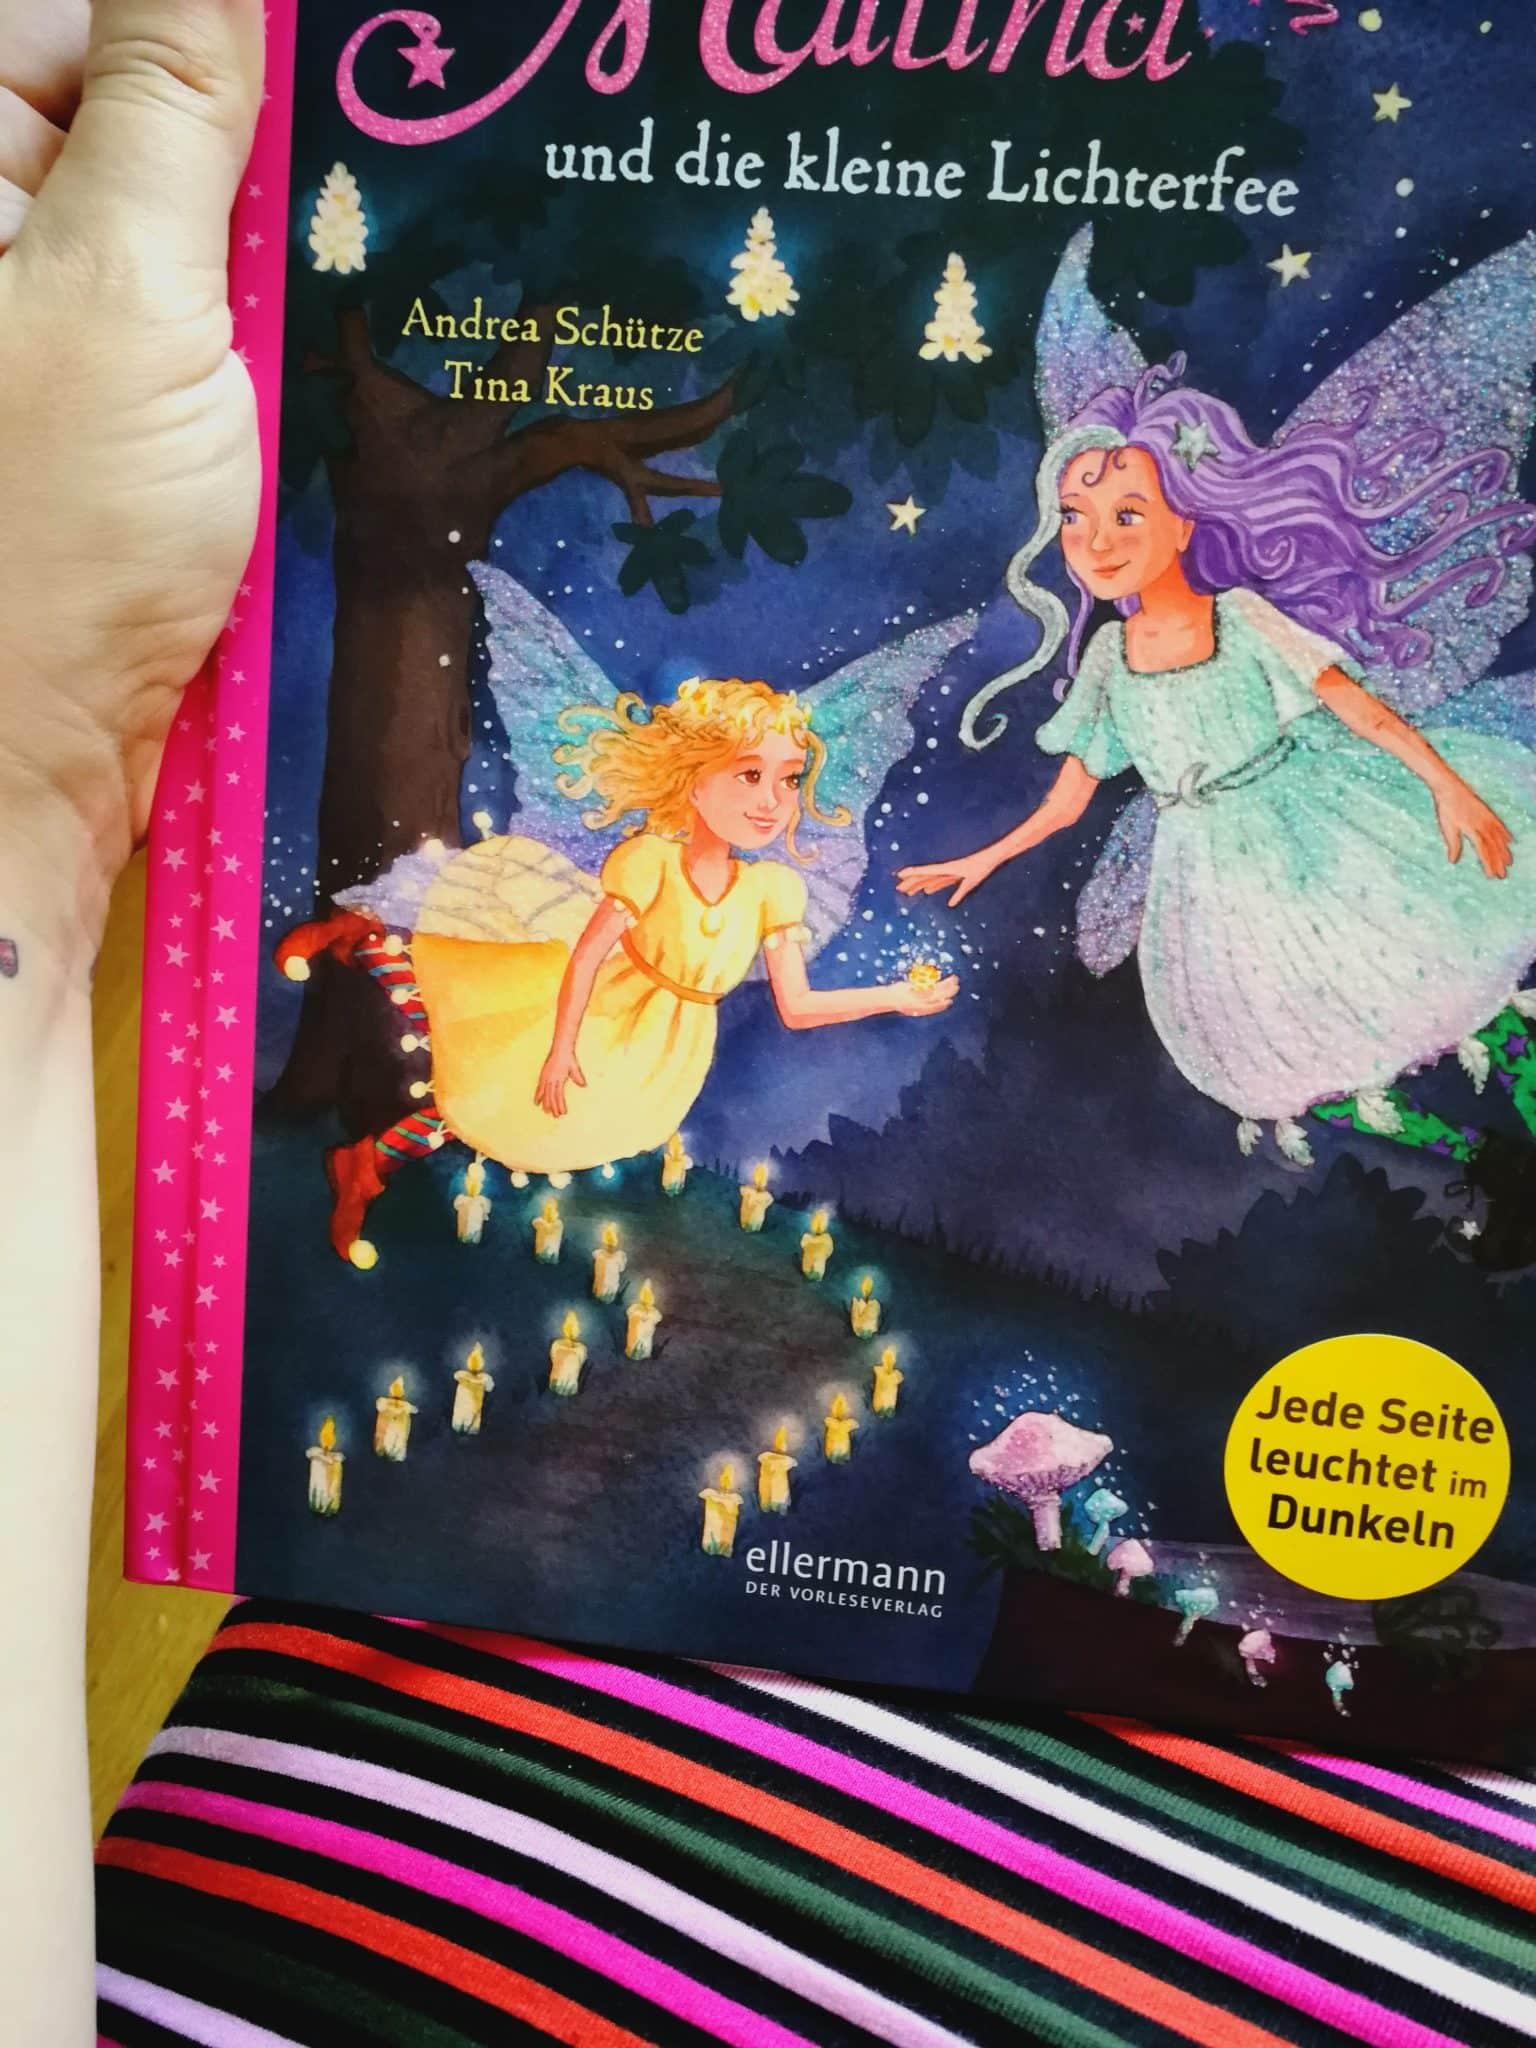 Maluna Mondschein Buch